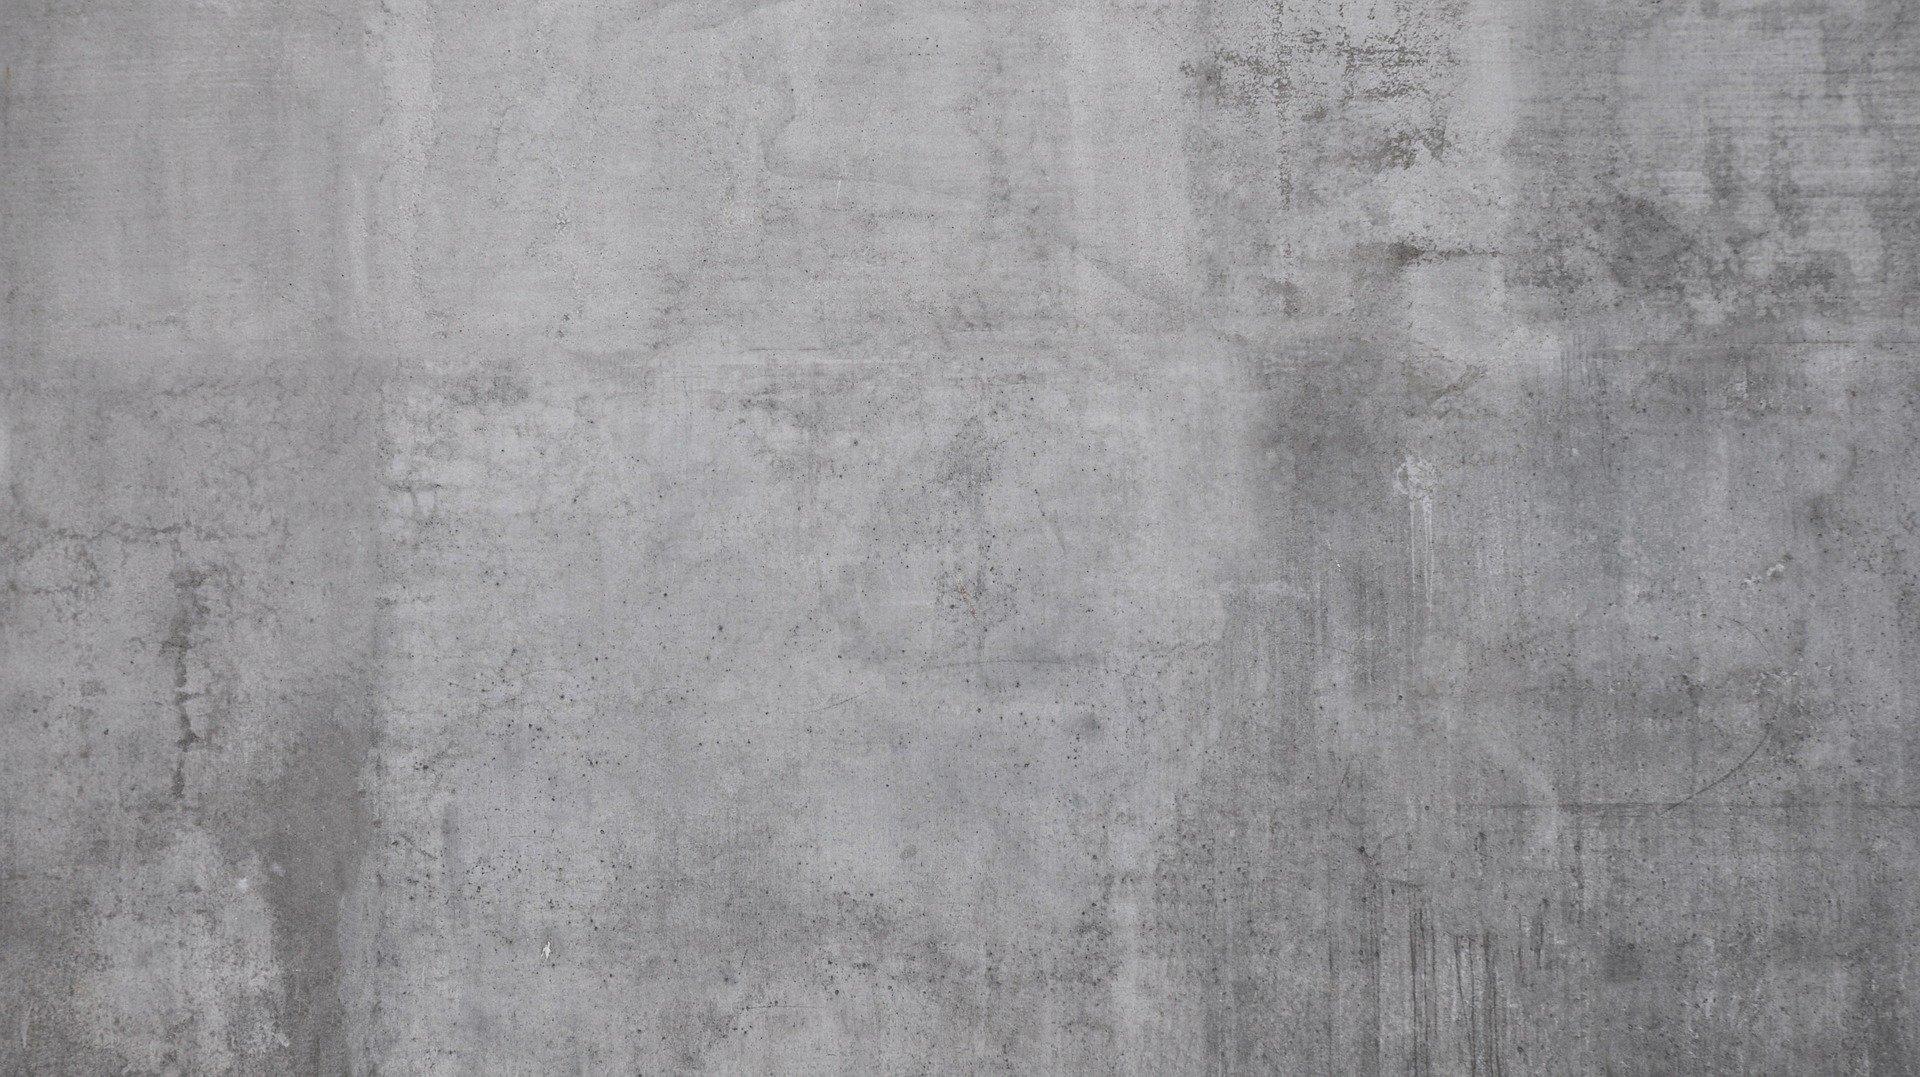 concrete-1840731_1920